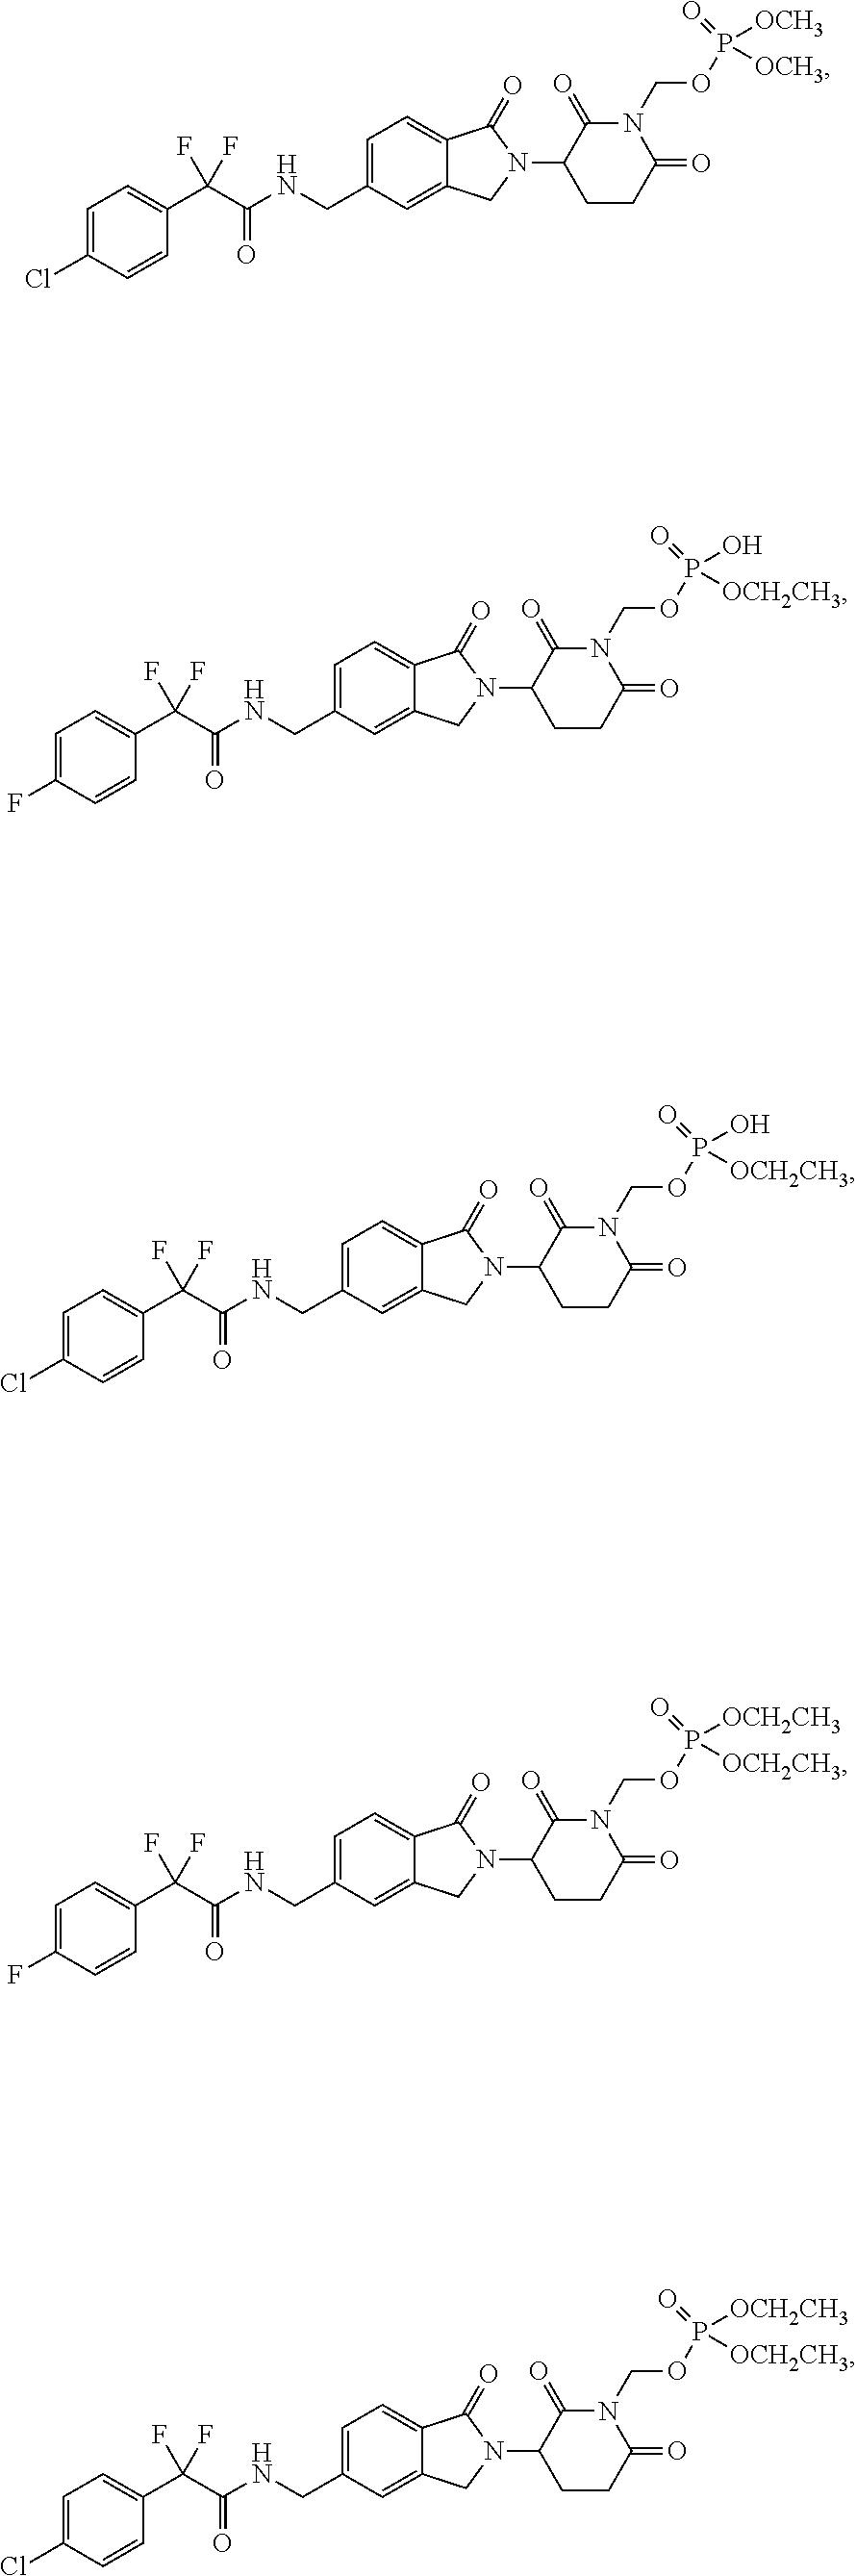 Figure US09938254-20180410-C00014